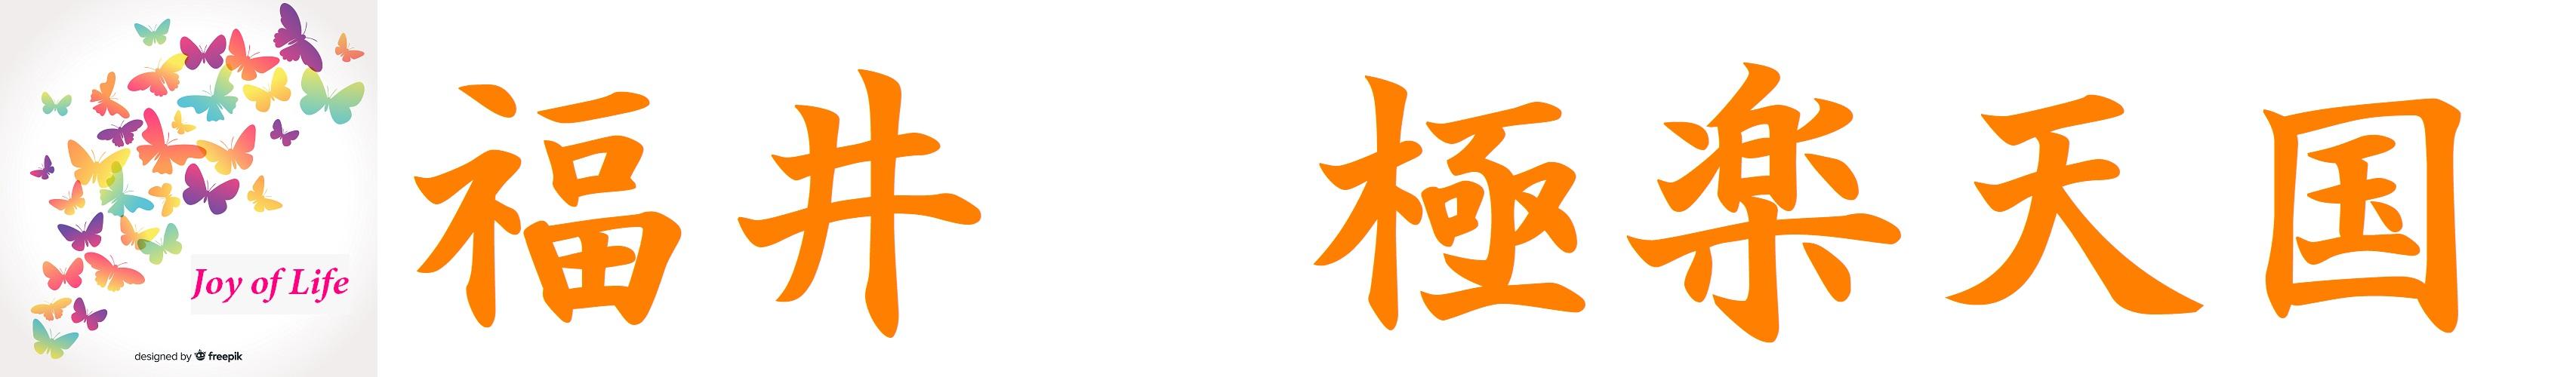 福井 極楽天国